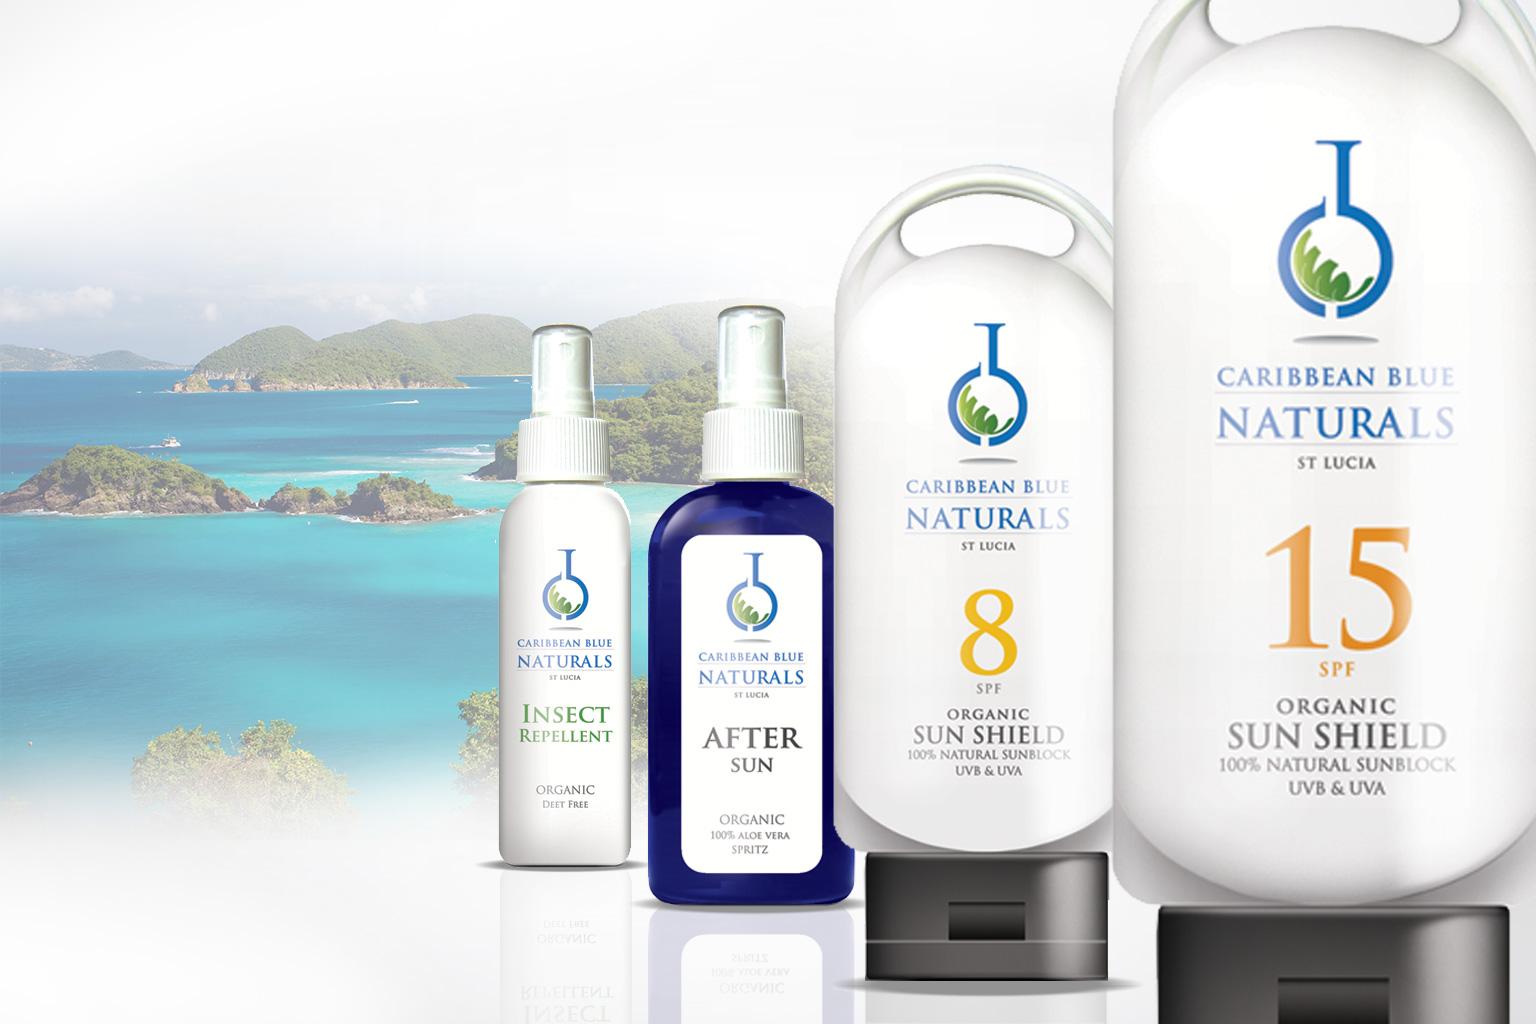 Caribbean Blue Naturals